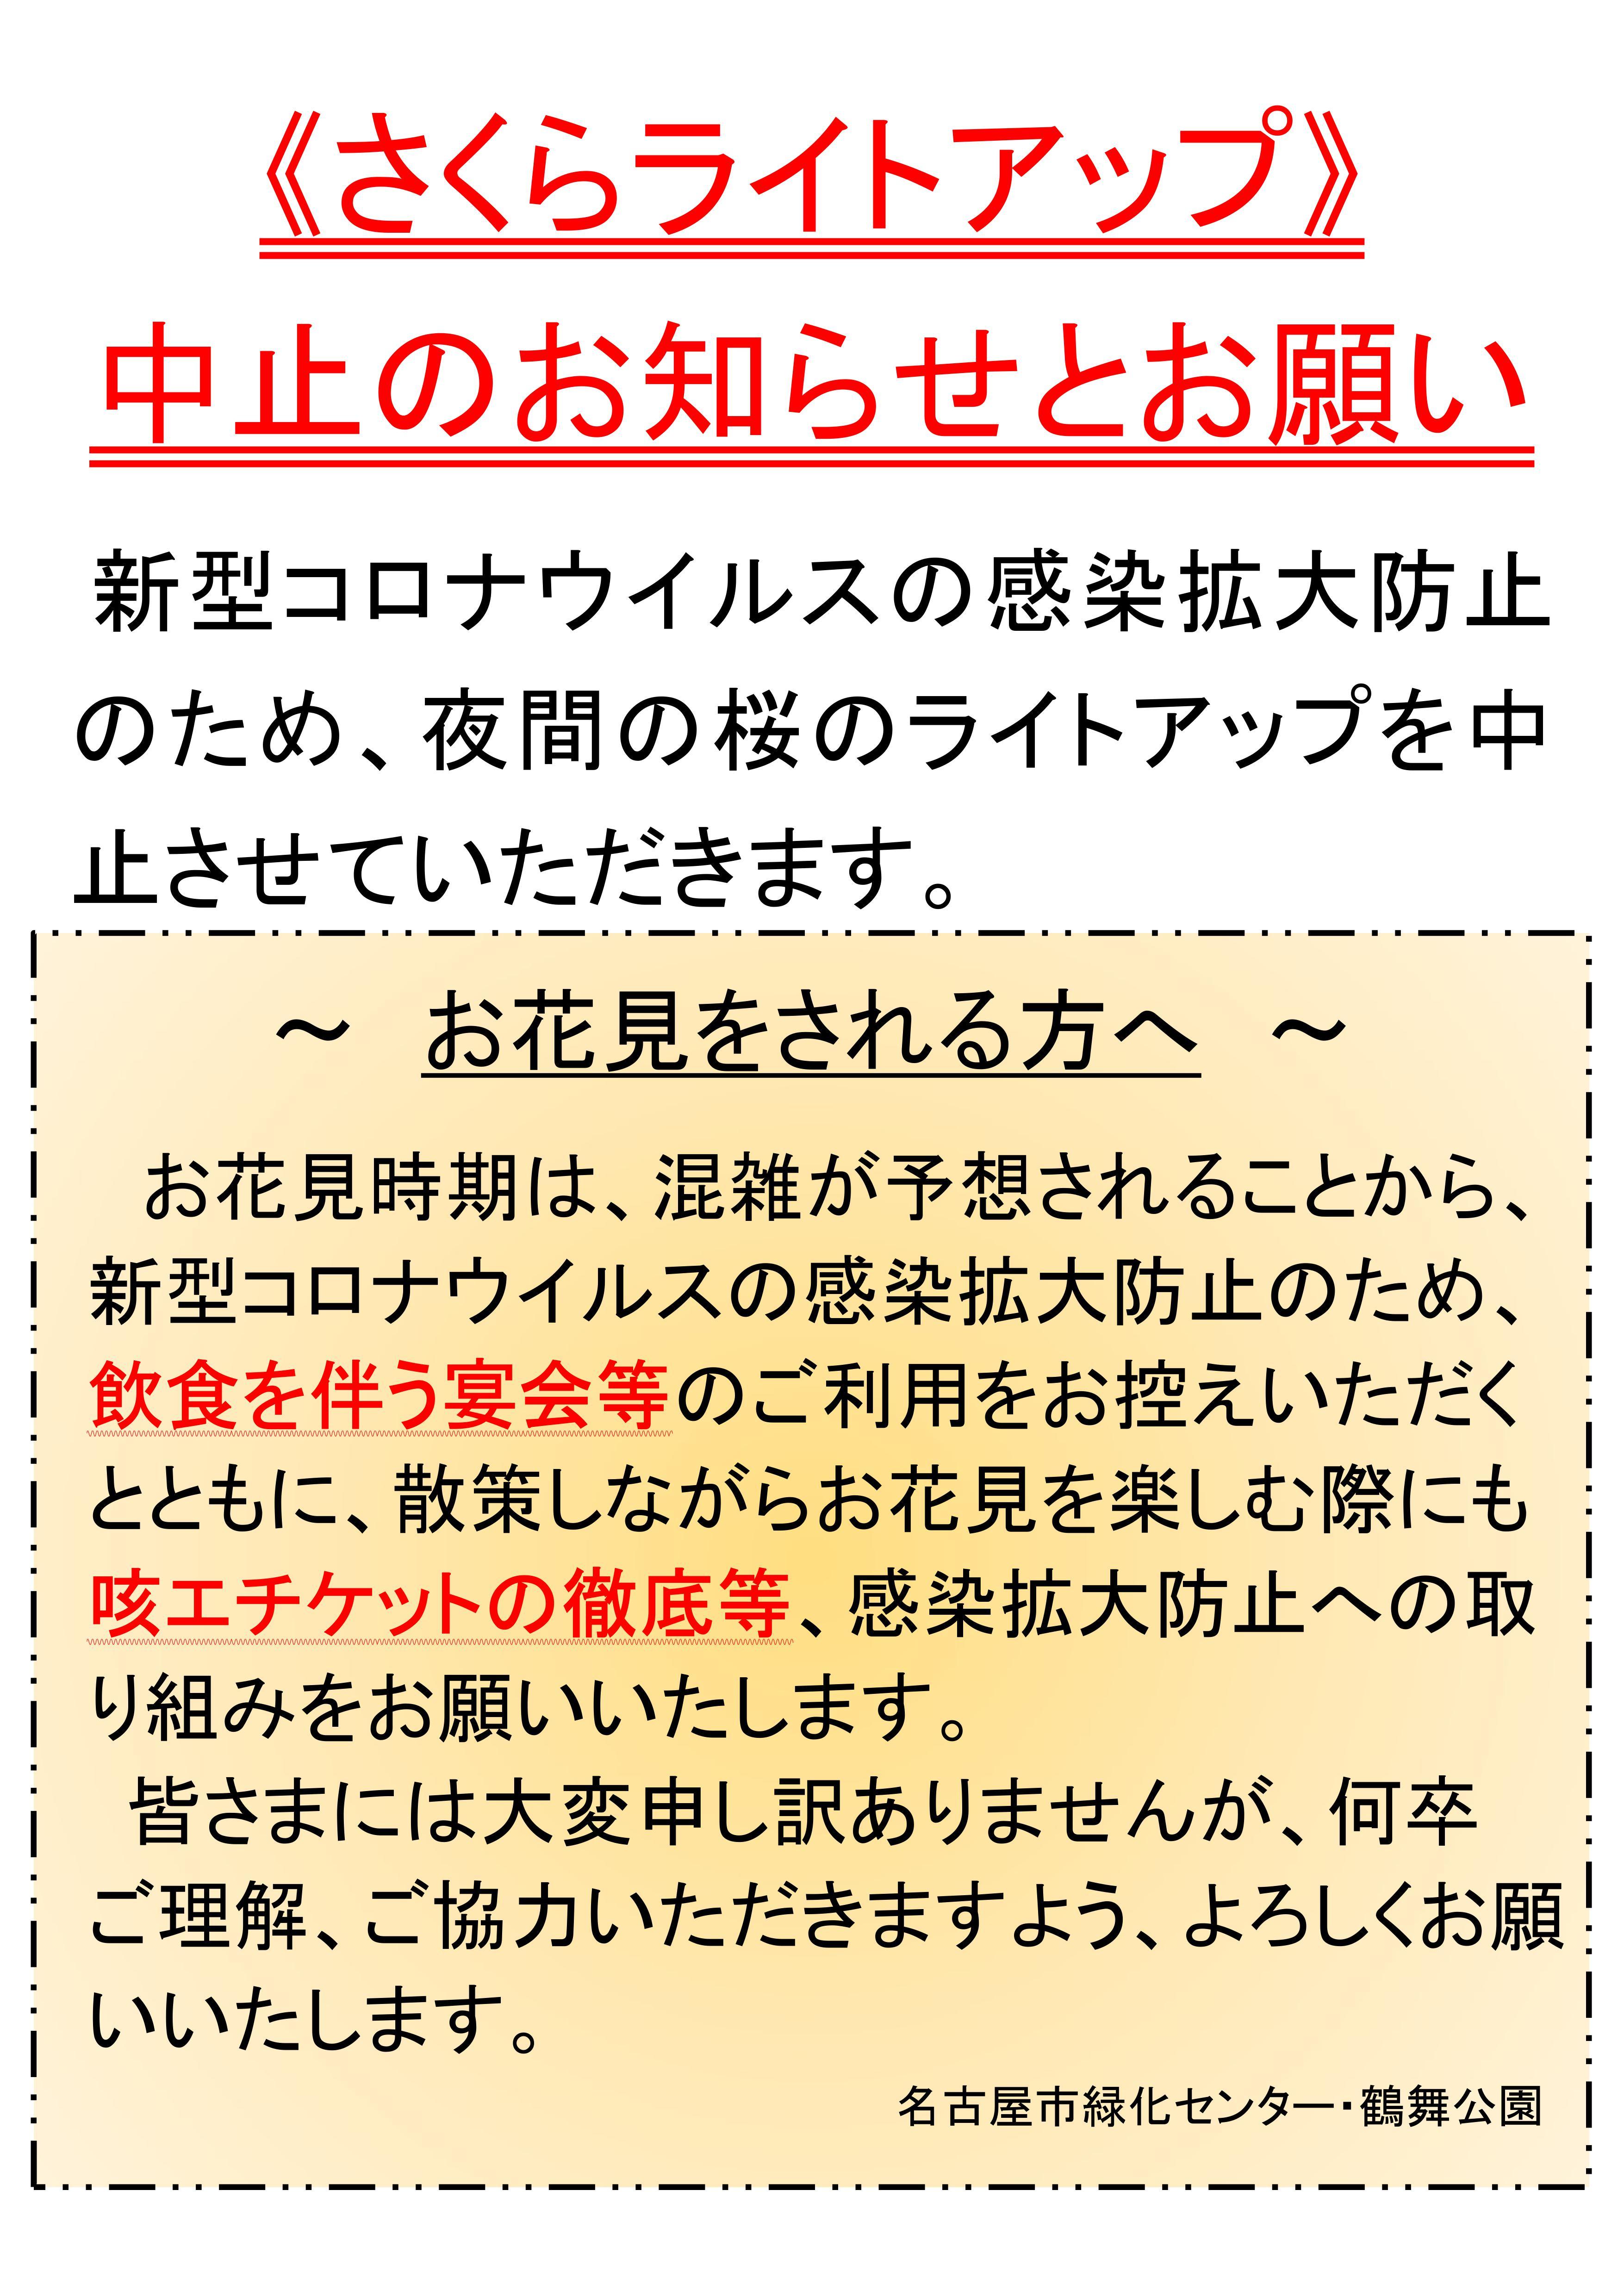 鶴舞公園・さくらライトアップ中止のお知らせ